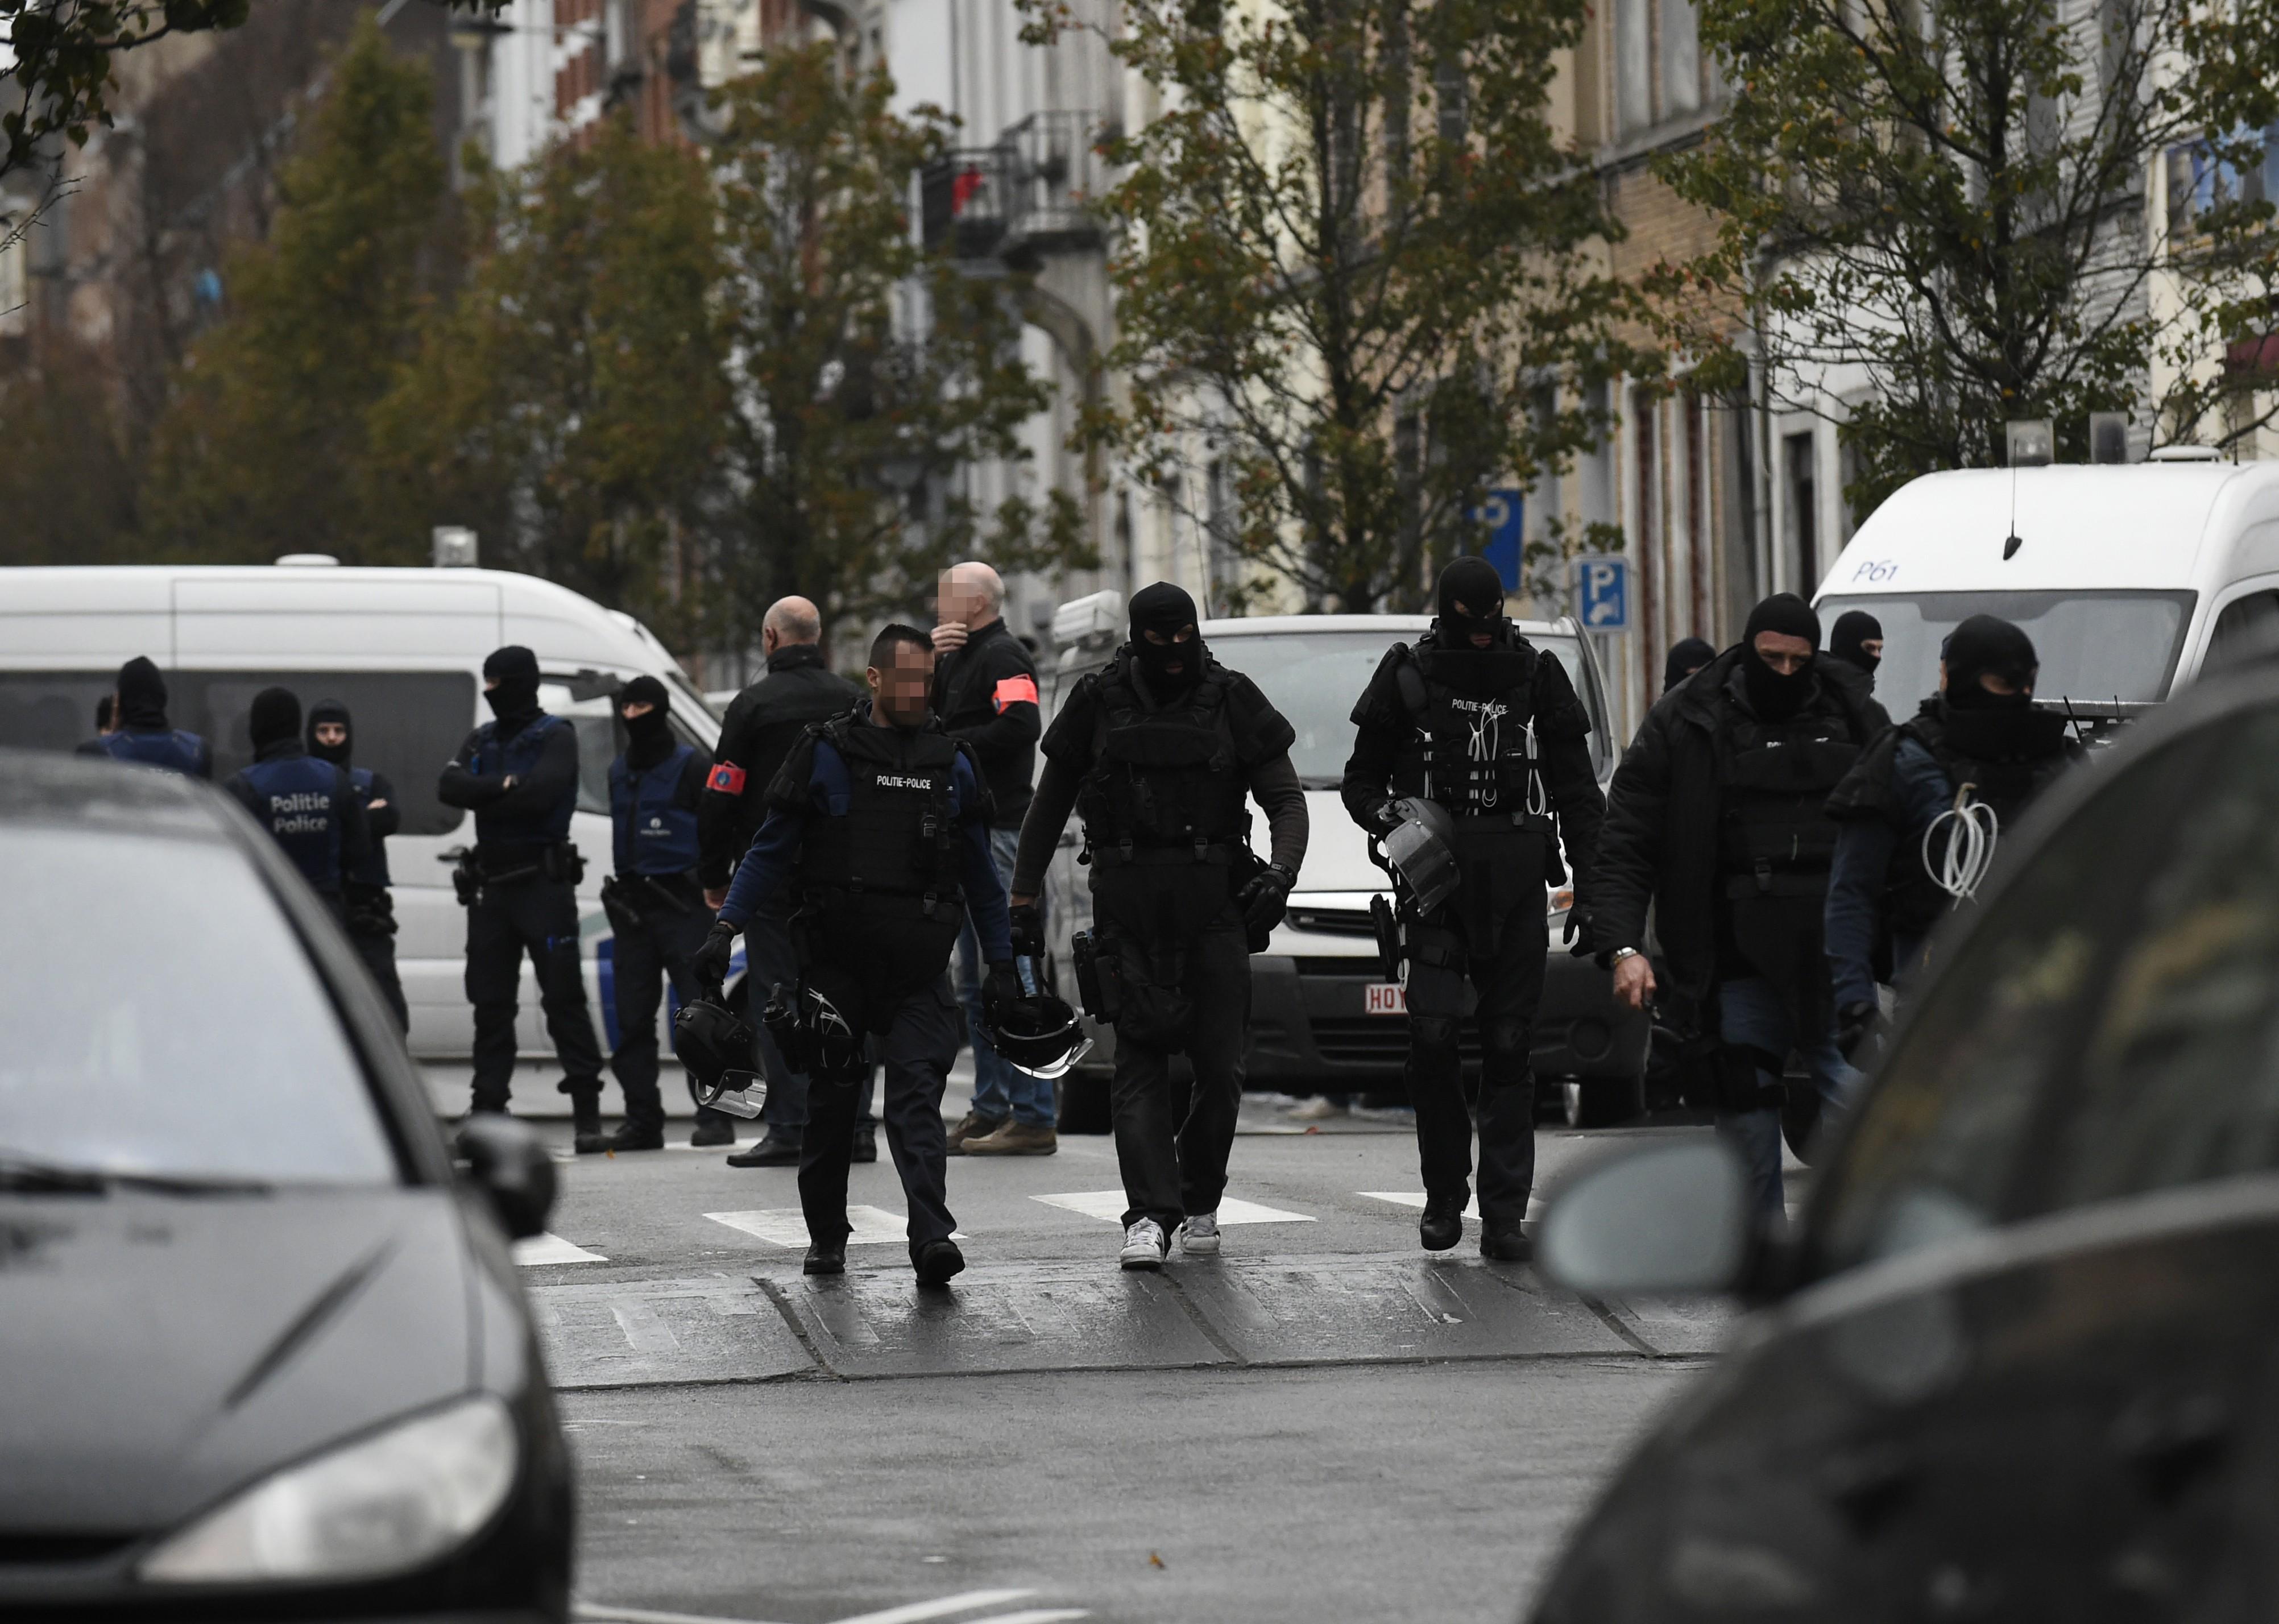 Deux hommes inculpés d'activités terroristes après de nouvelles perquisitions en Belgique